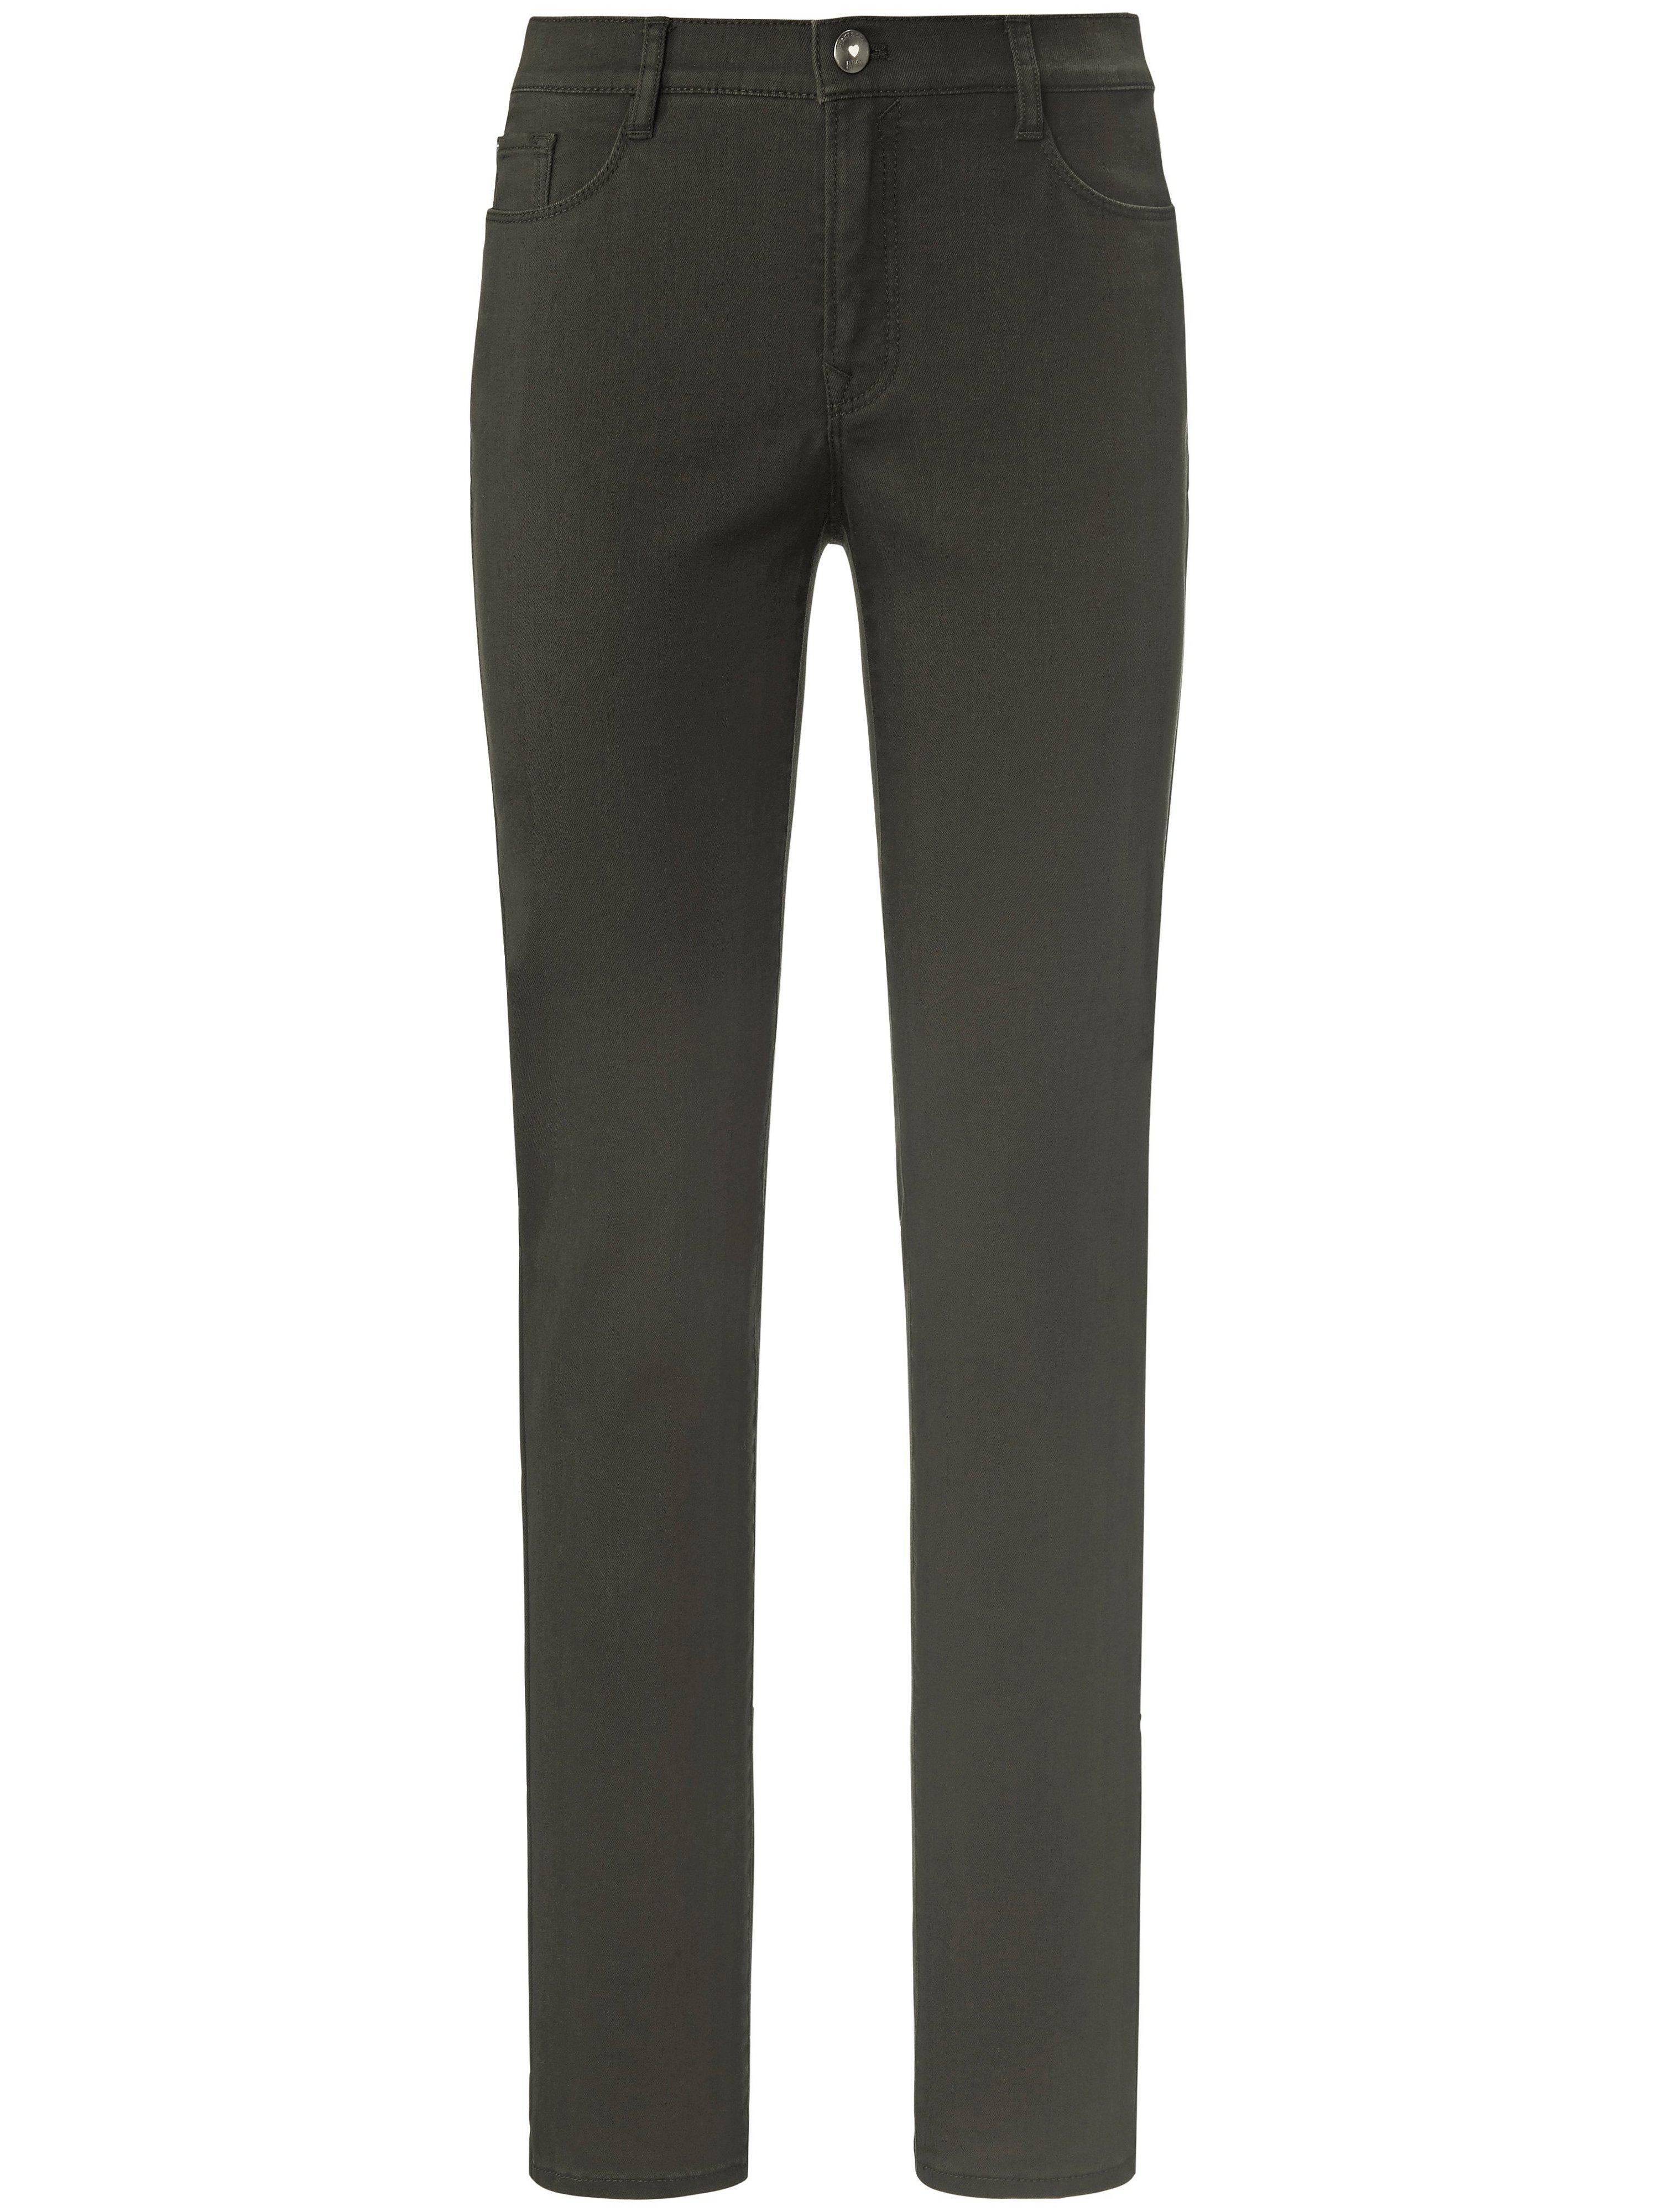 Feminine Fit-jeans model Nicola Van Brax Feel Good groen